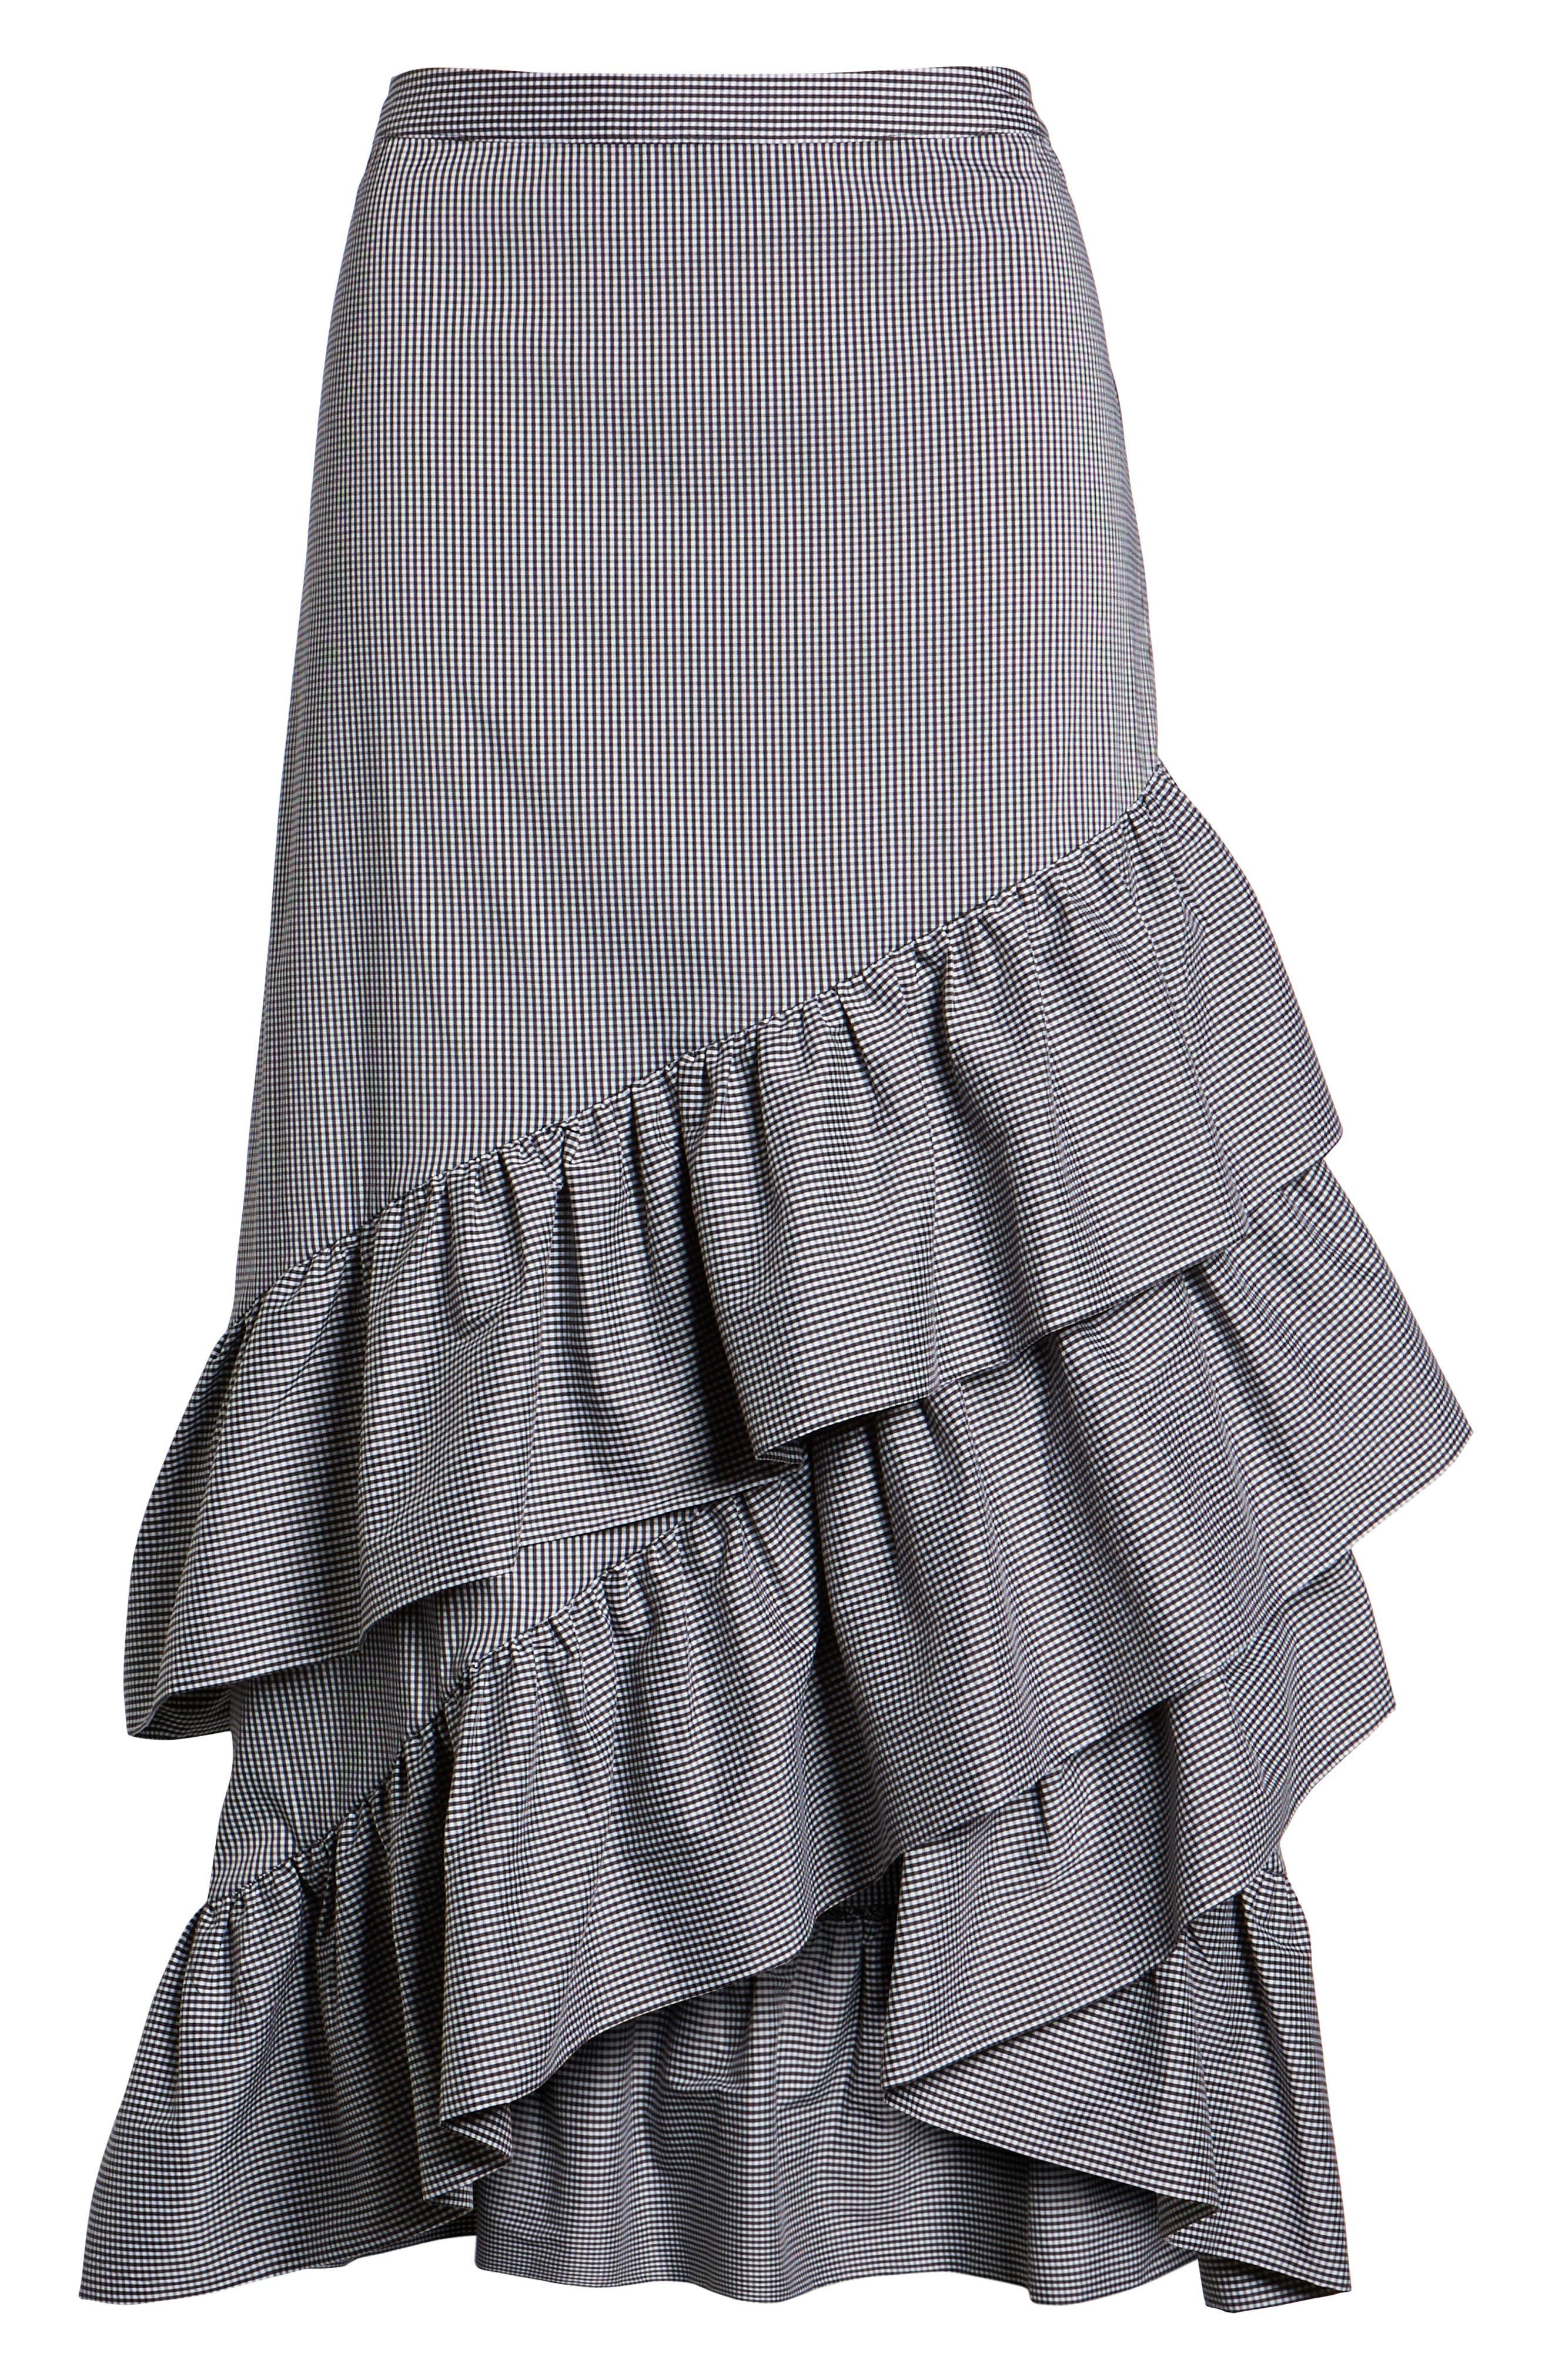 Gingham Ruffle Skirt,                             Alternate thumbnail 6, color,                             001